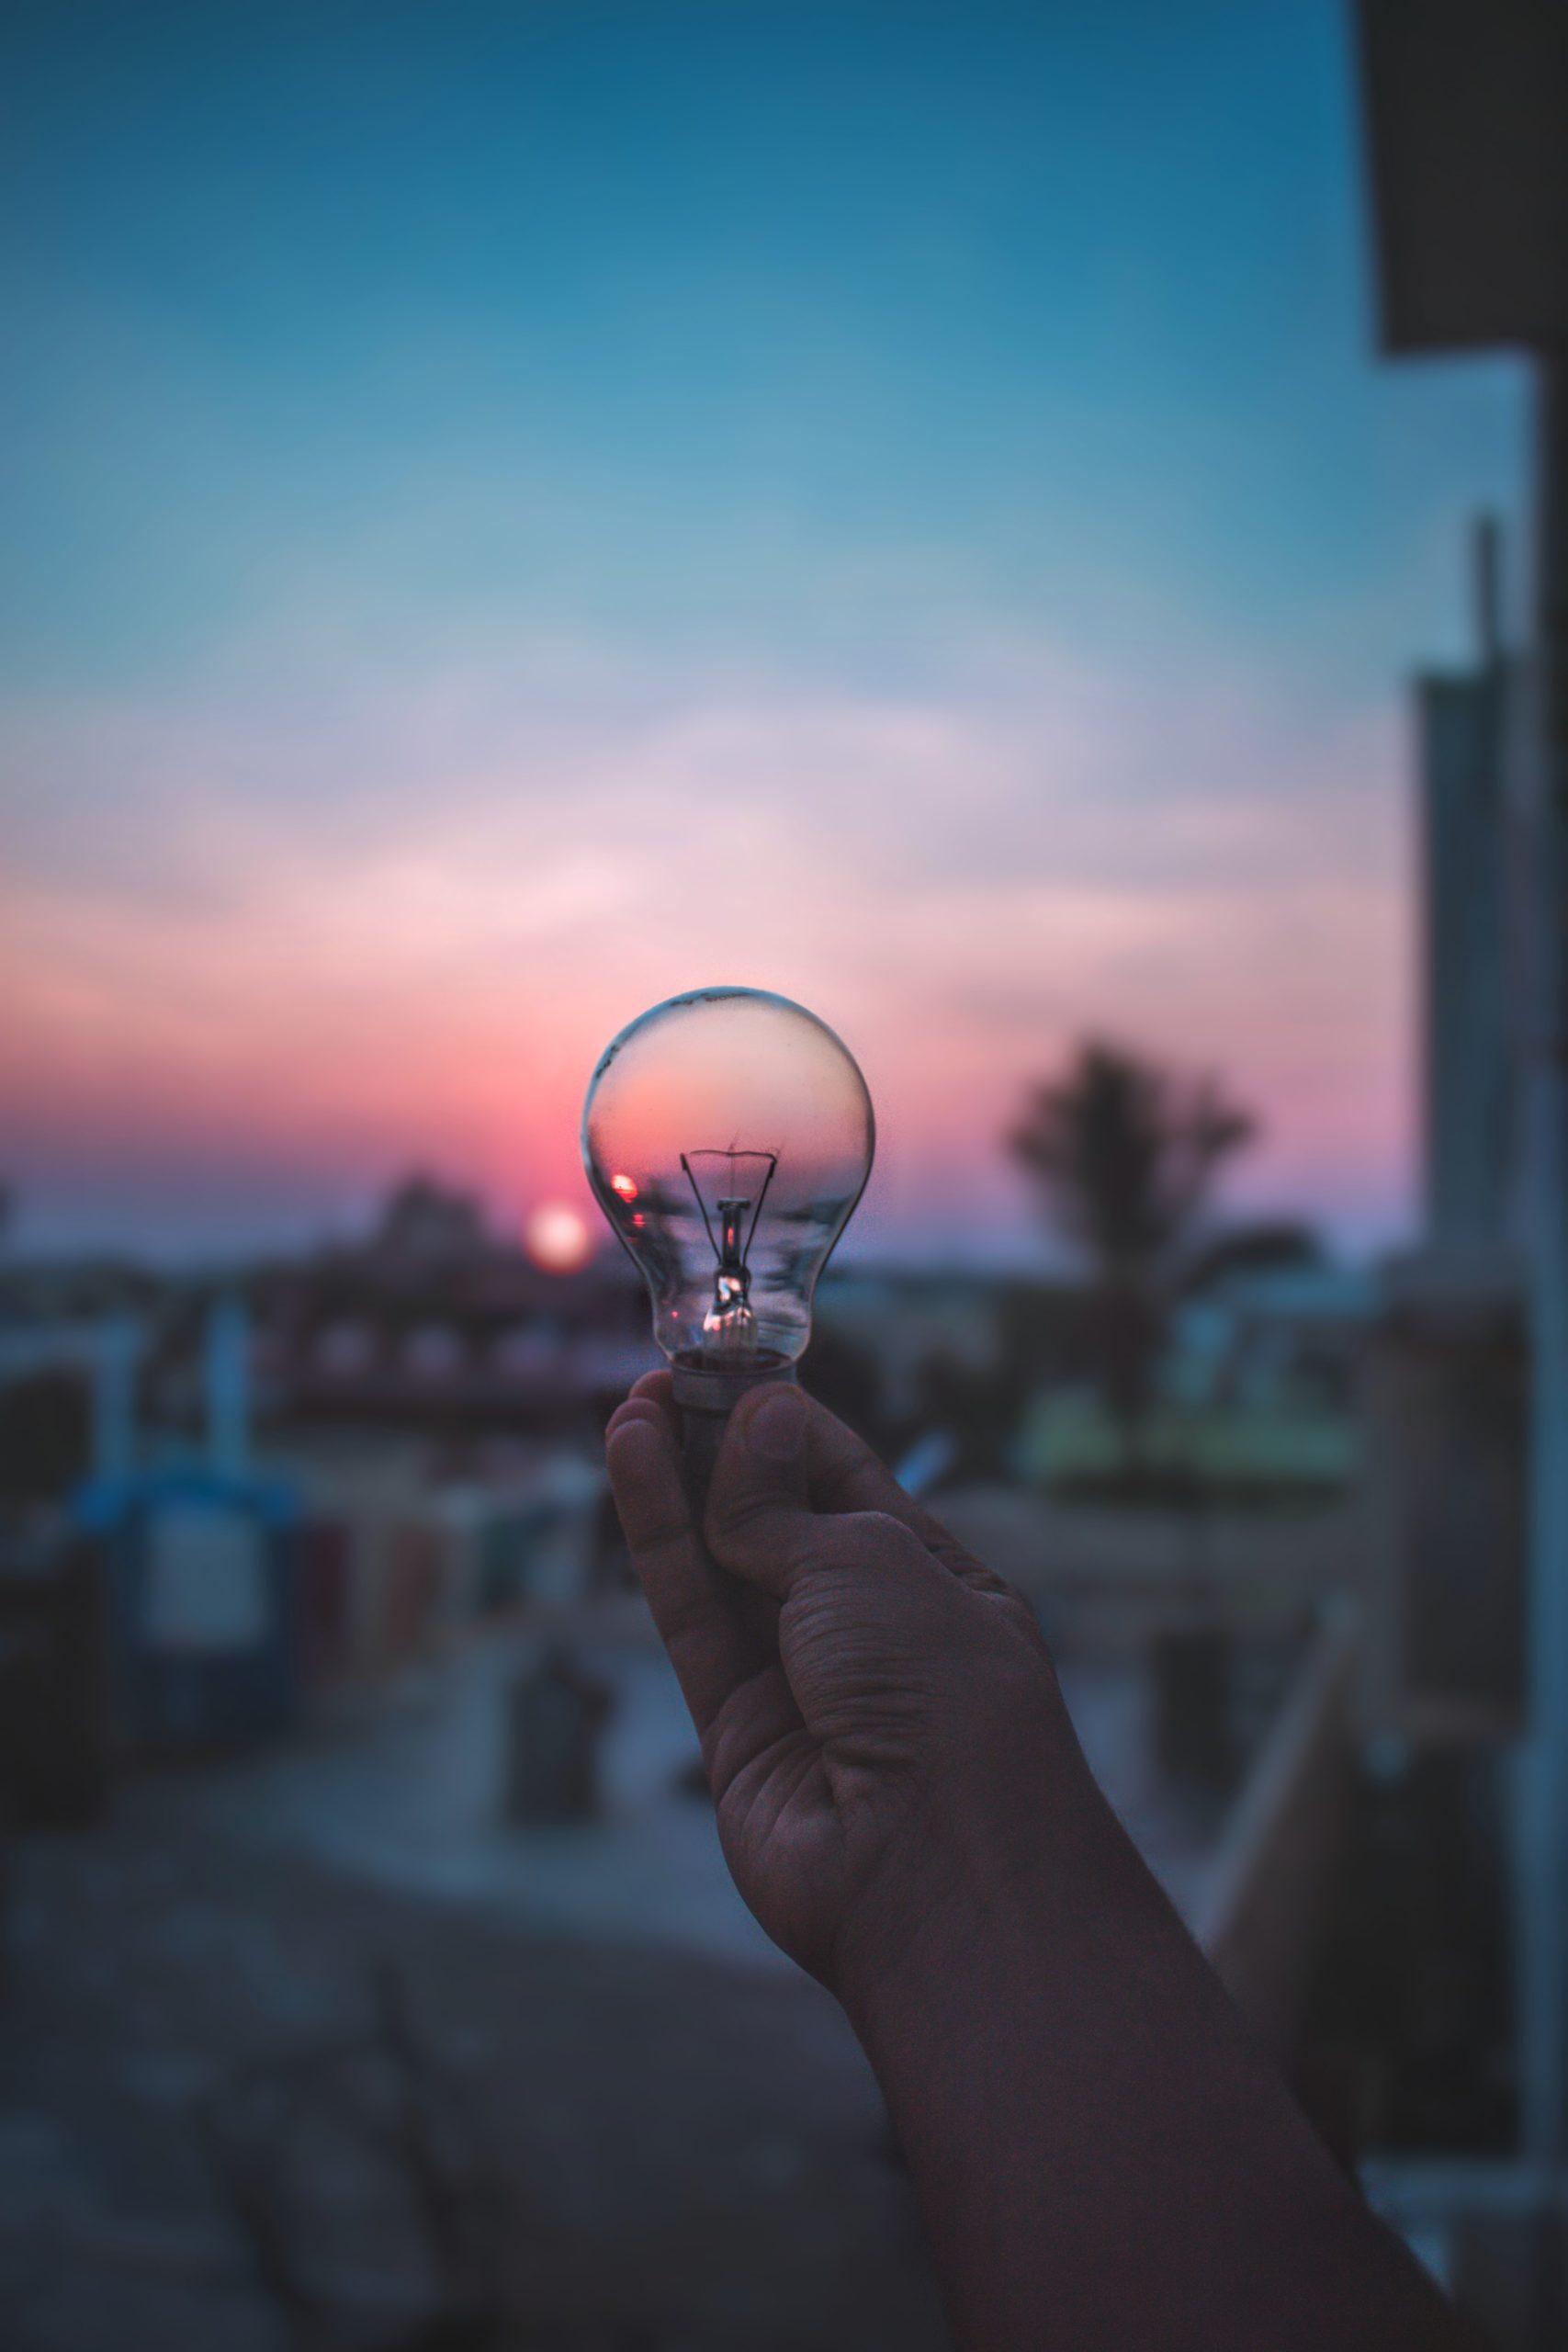 Sortir de sa bulle quand on est hypersensible - Ampoule face à un paysage